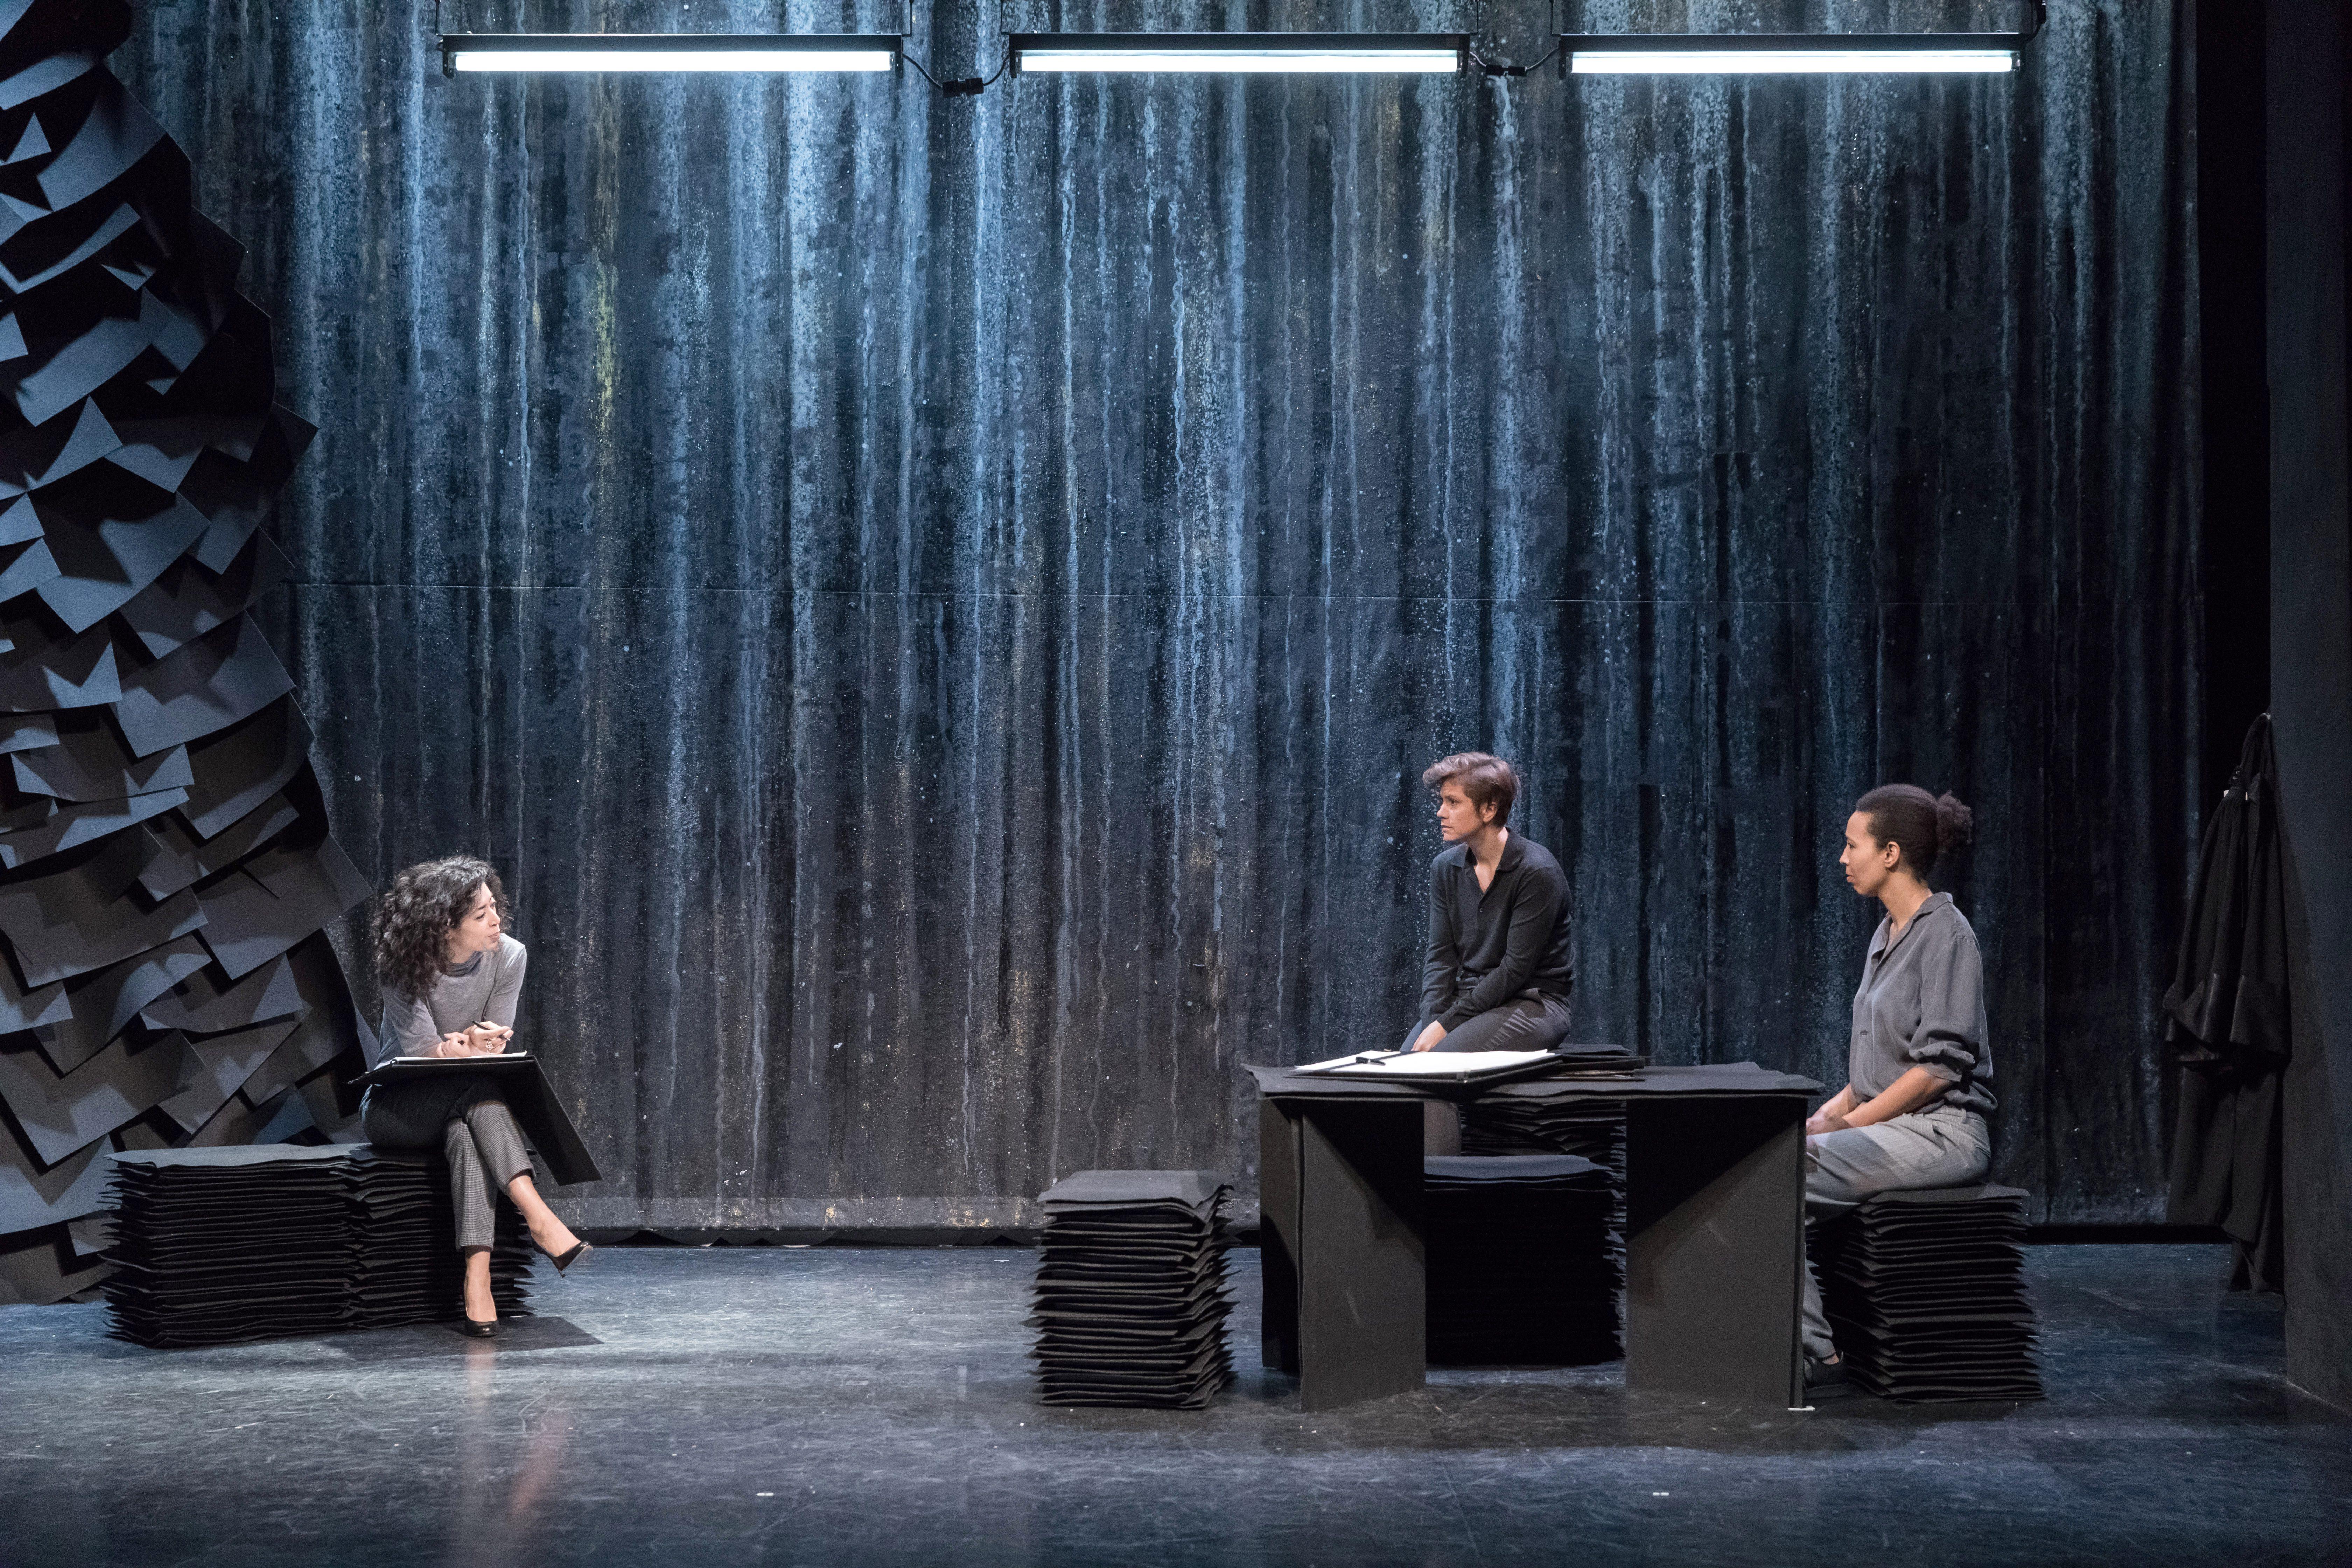 JUSTICE de Samantha Markowic, mise en scene Salome Lelouch au theatre de l'oeuvre du 10 janvier au 31 mars 2018. De gauche a droite : Naidra Ayadi, Oceane Rose Marie, Fatima N'Doye